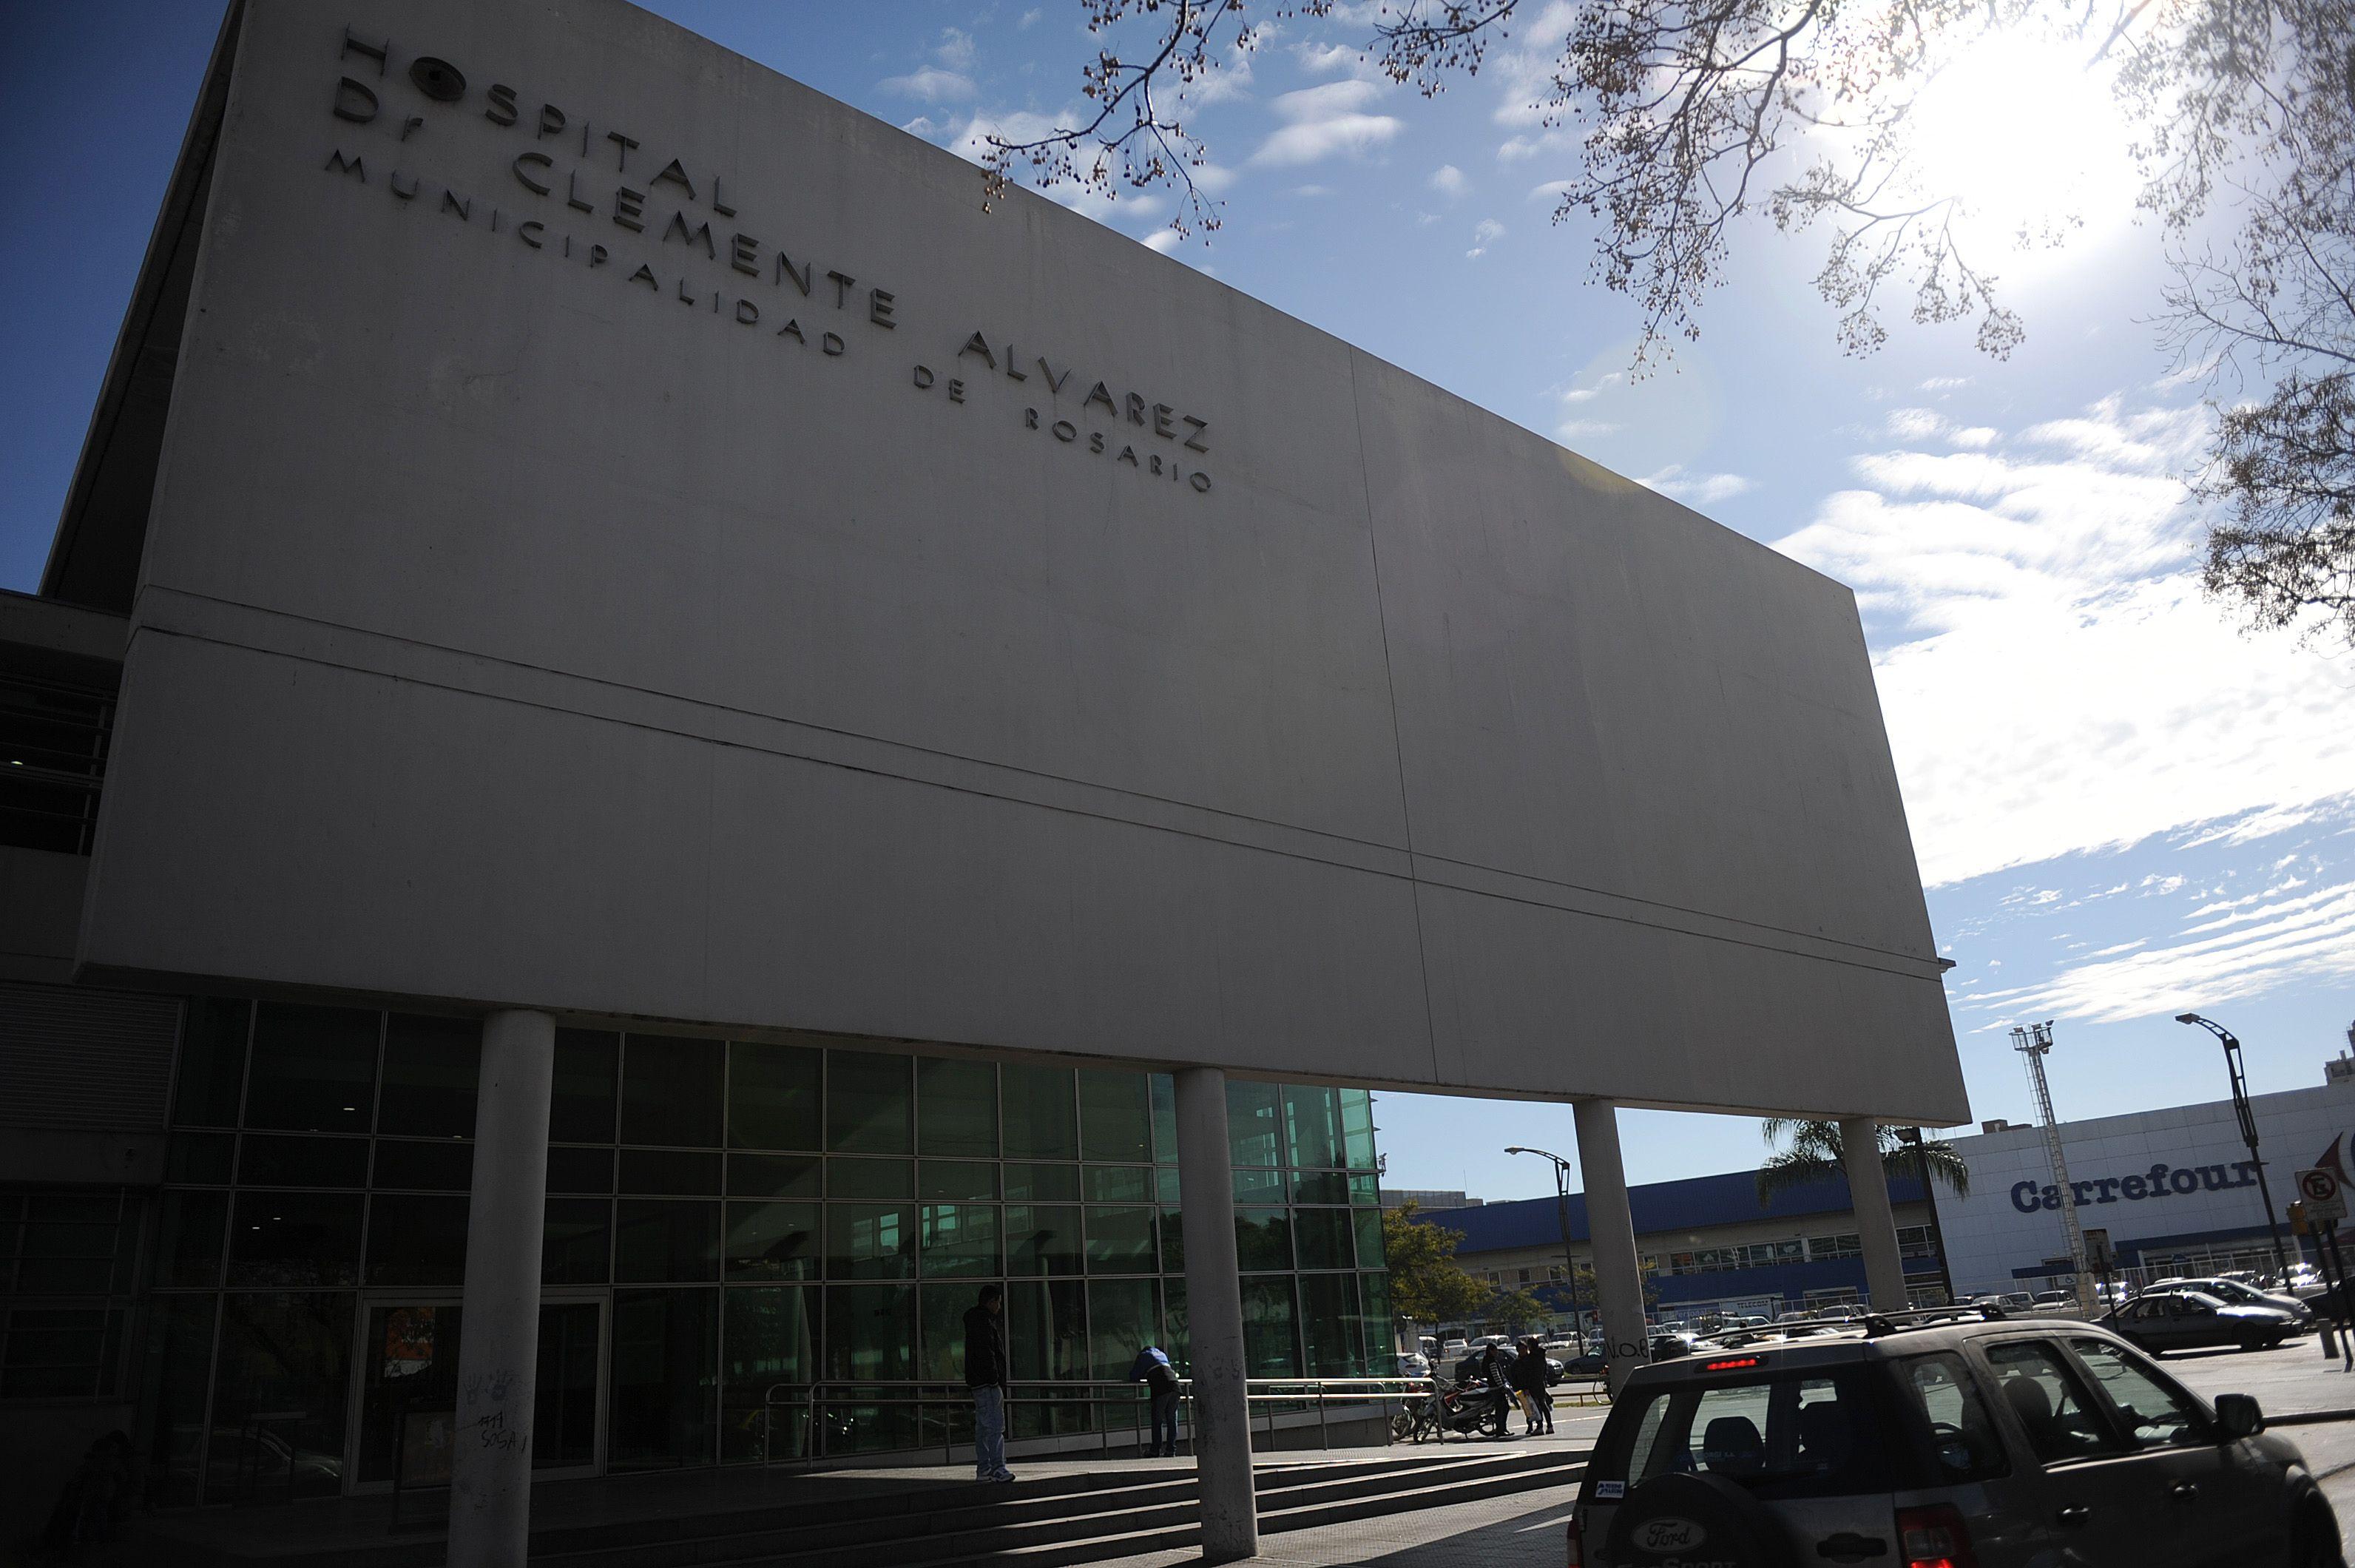 El joven herido en Barra y Cochabamba fue atendido en el Heca y allí quedó con custodia policial.